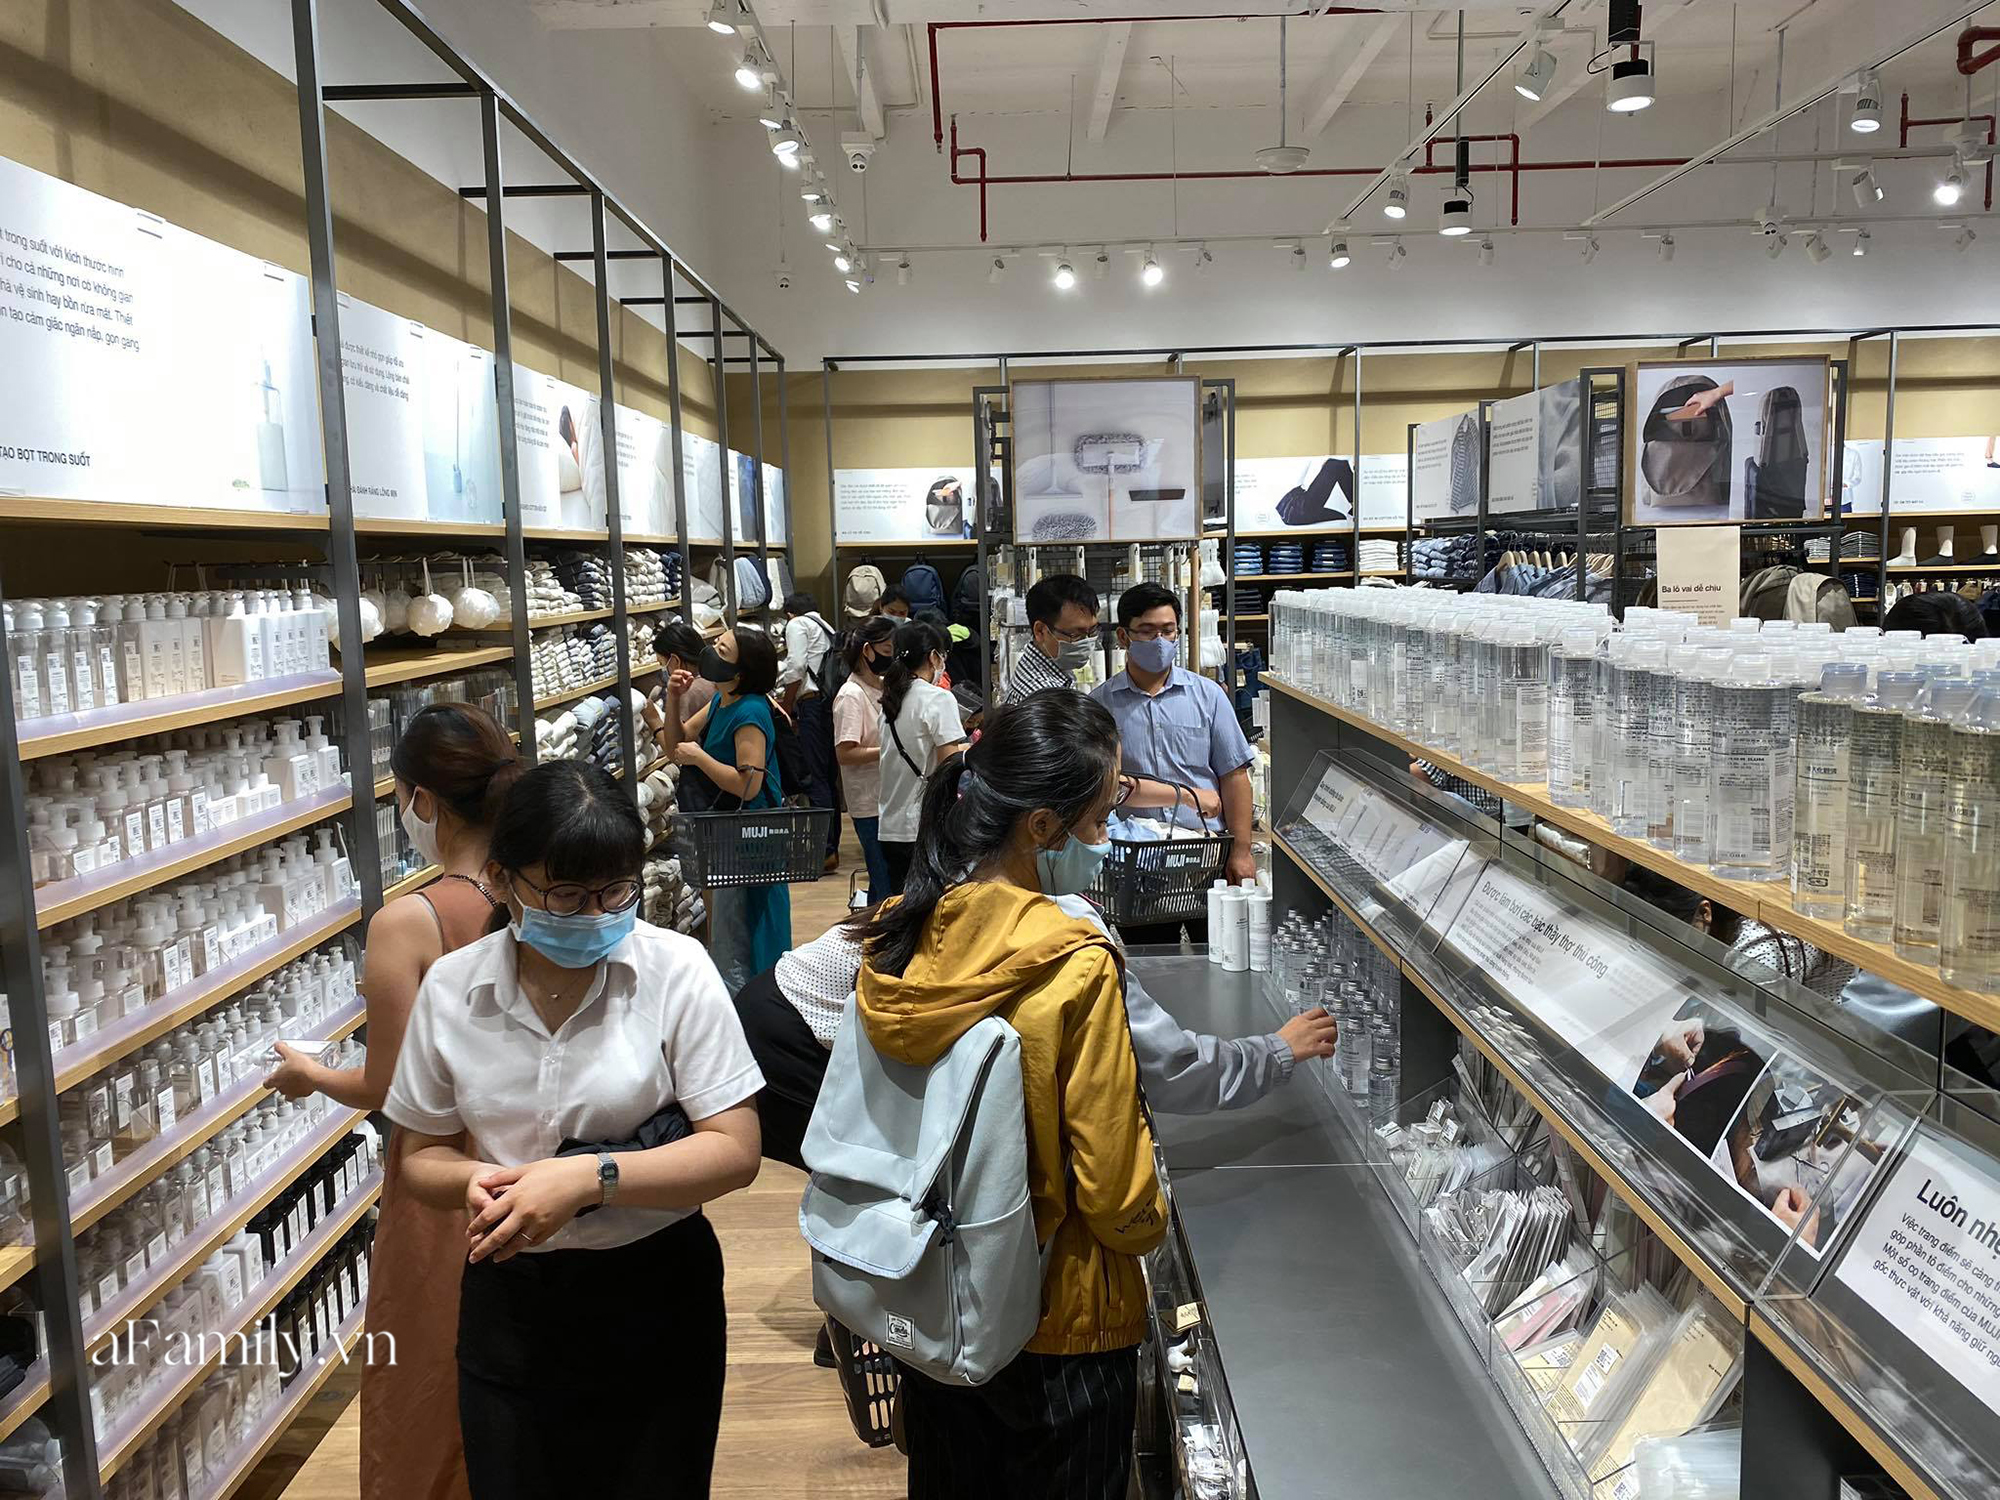 Ngày đón khách đầu tiên của MUJI tại Sài Gòn, không truyền thông rầm rộ nhưng dòng người xếp hàng dài cách nhau 2m vẫn nối đuôi như vô tận -9